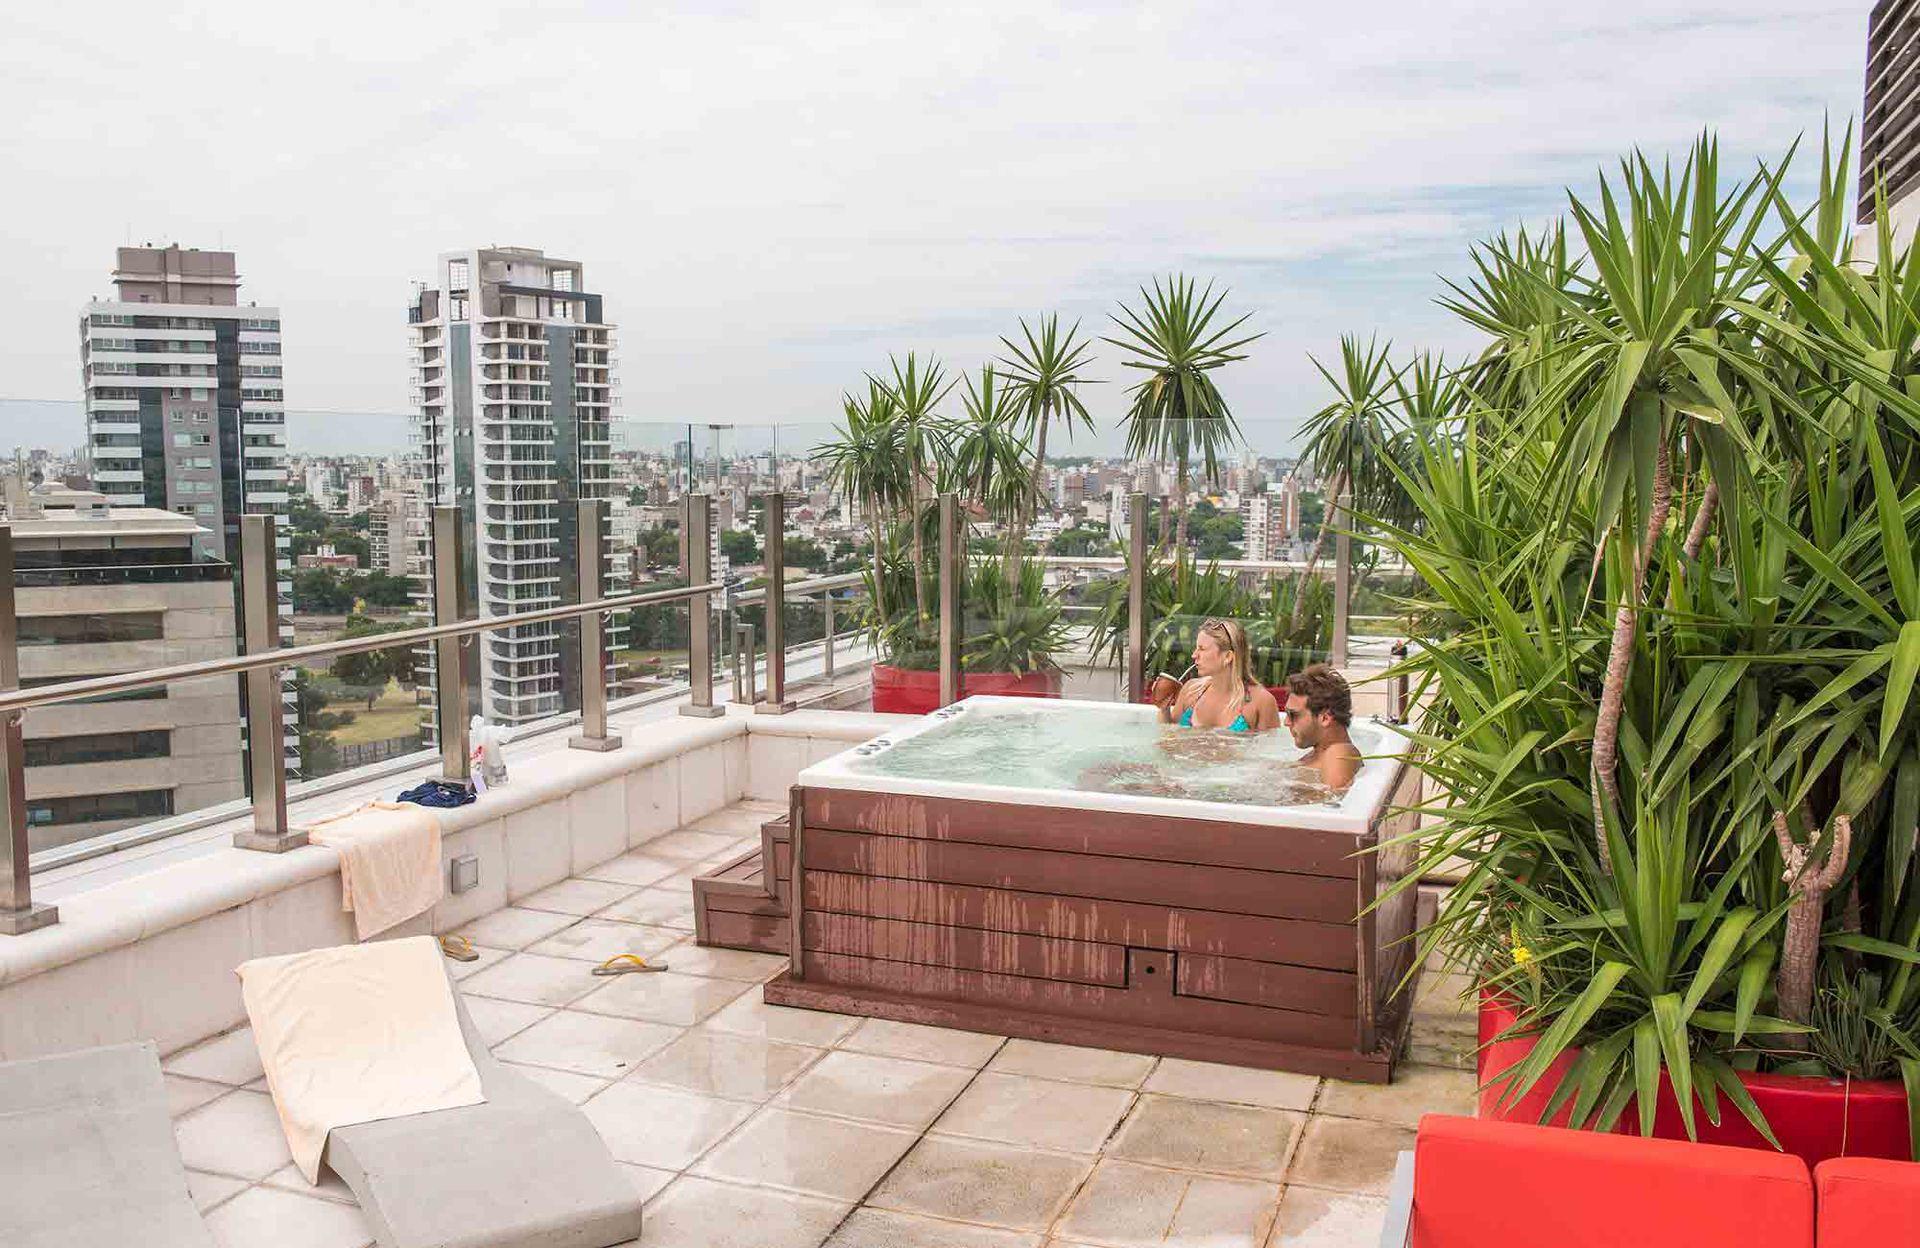 La terraza con vista 360° en el piso 16 del flamante hotel Dazzler by Whyndham.